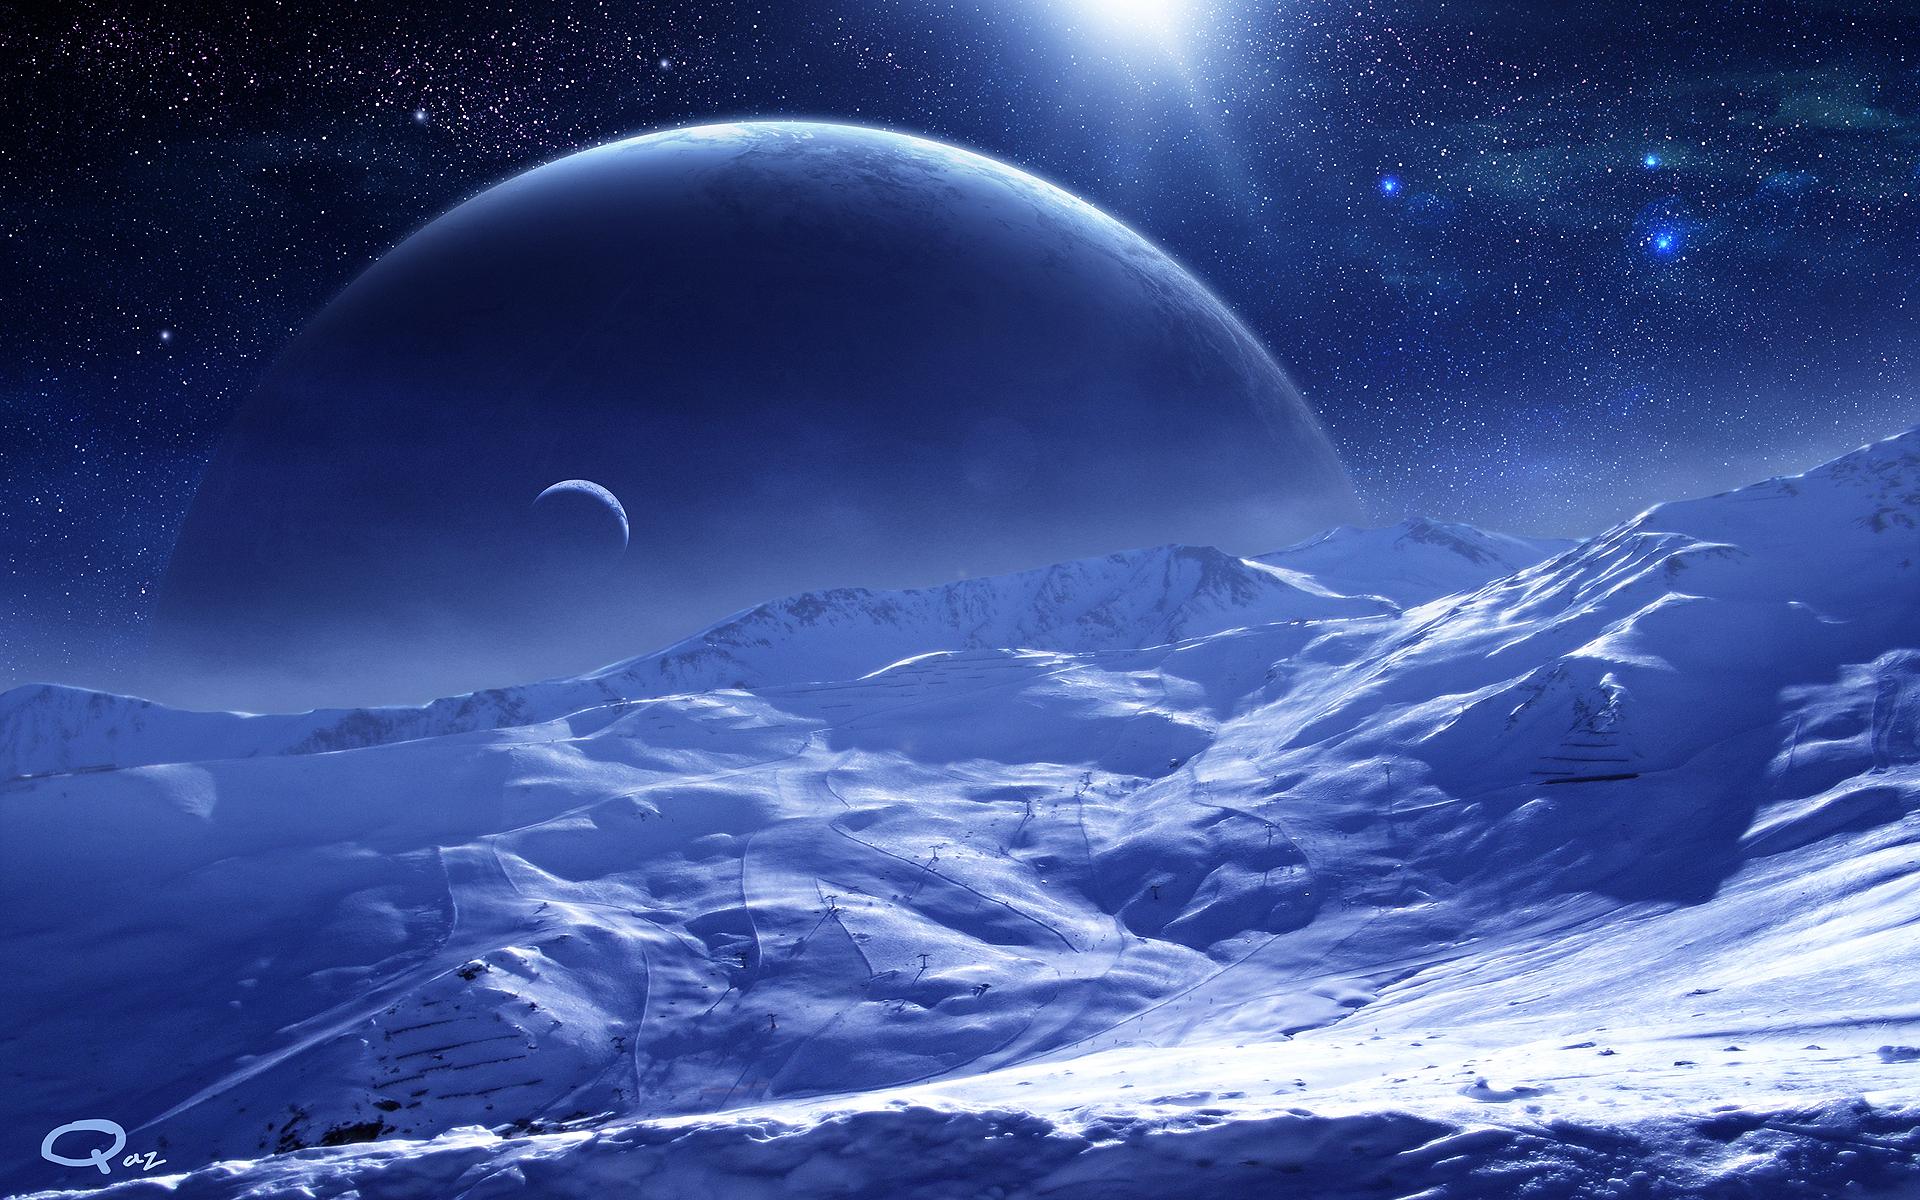 Обои Планеты синие картинки на рабочий стол на тему Космос - скачать  № 1765854 загрузить